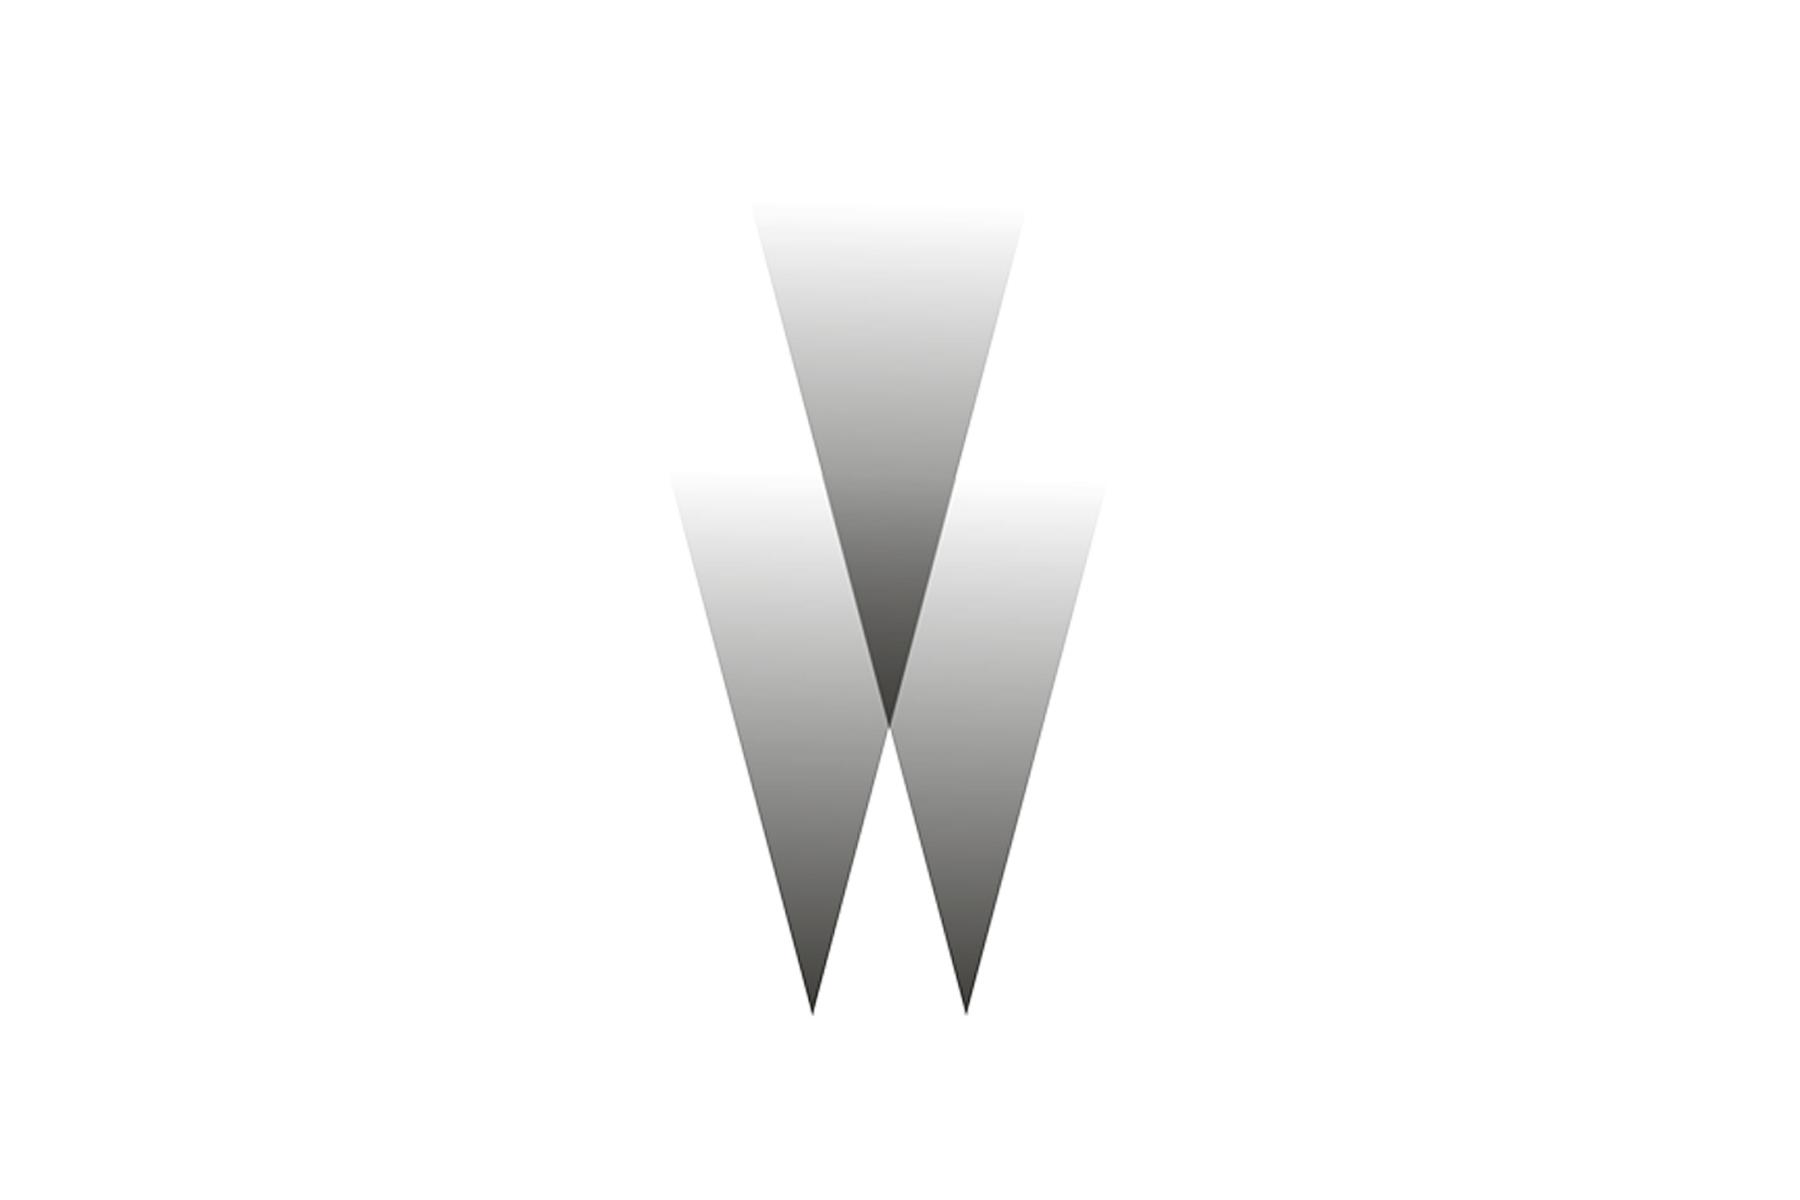 Из-за секс-скандала продюсер Вайнштейн покинул основанную имThe Weinstein Company